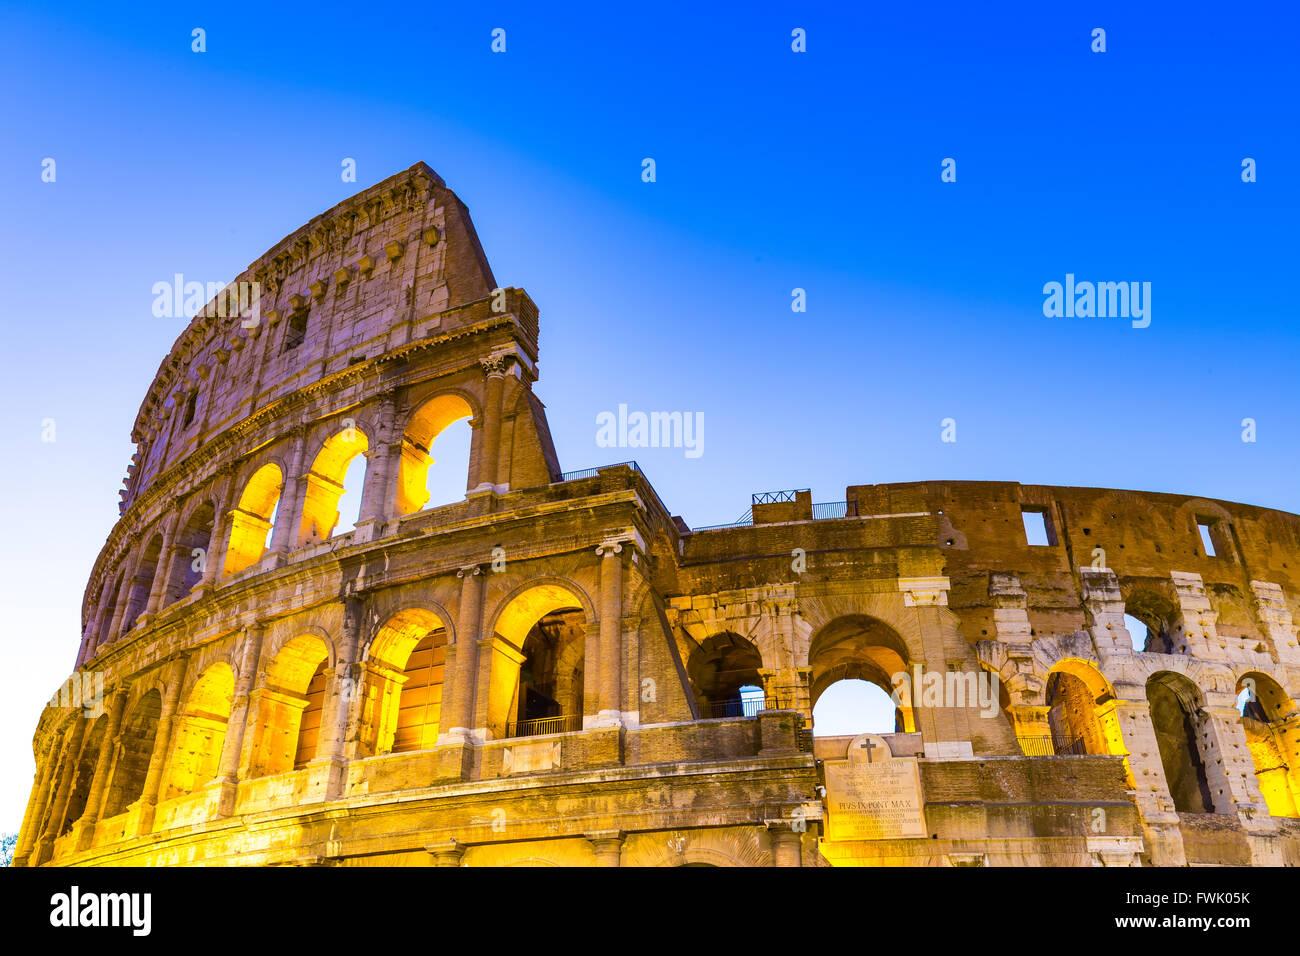 La vista ravvicinata del Colosseo a Roma, Italia. Immagini Stock